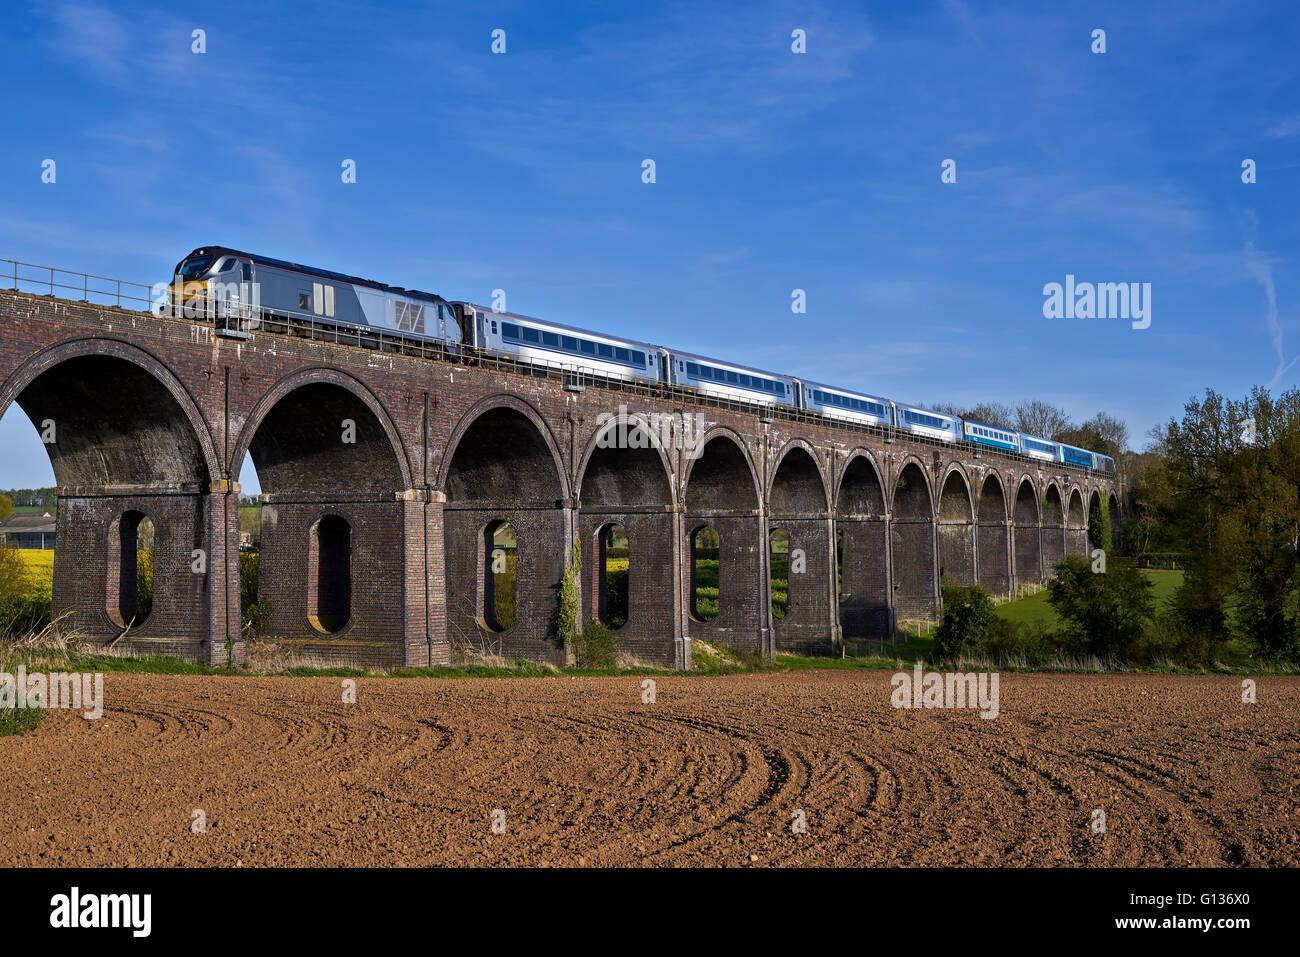 68014 jefes Souldern Viaducto sobre 1U50 17:21 London Marylebone hasta Banbury, el 4 de mayo de 2016. Foto de stock